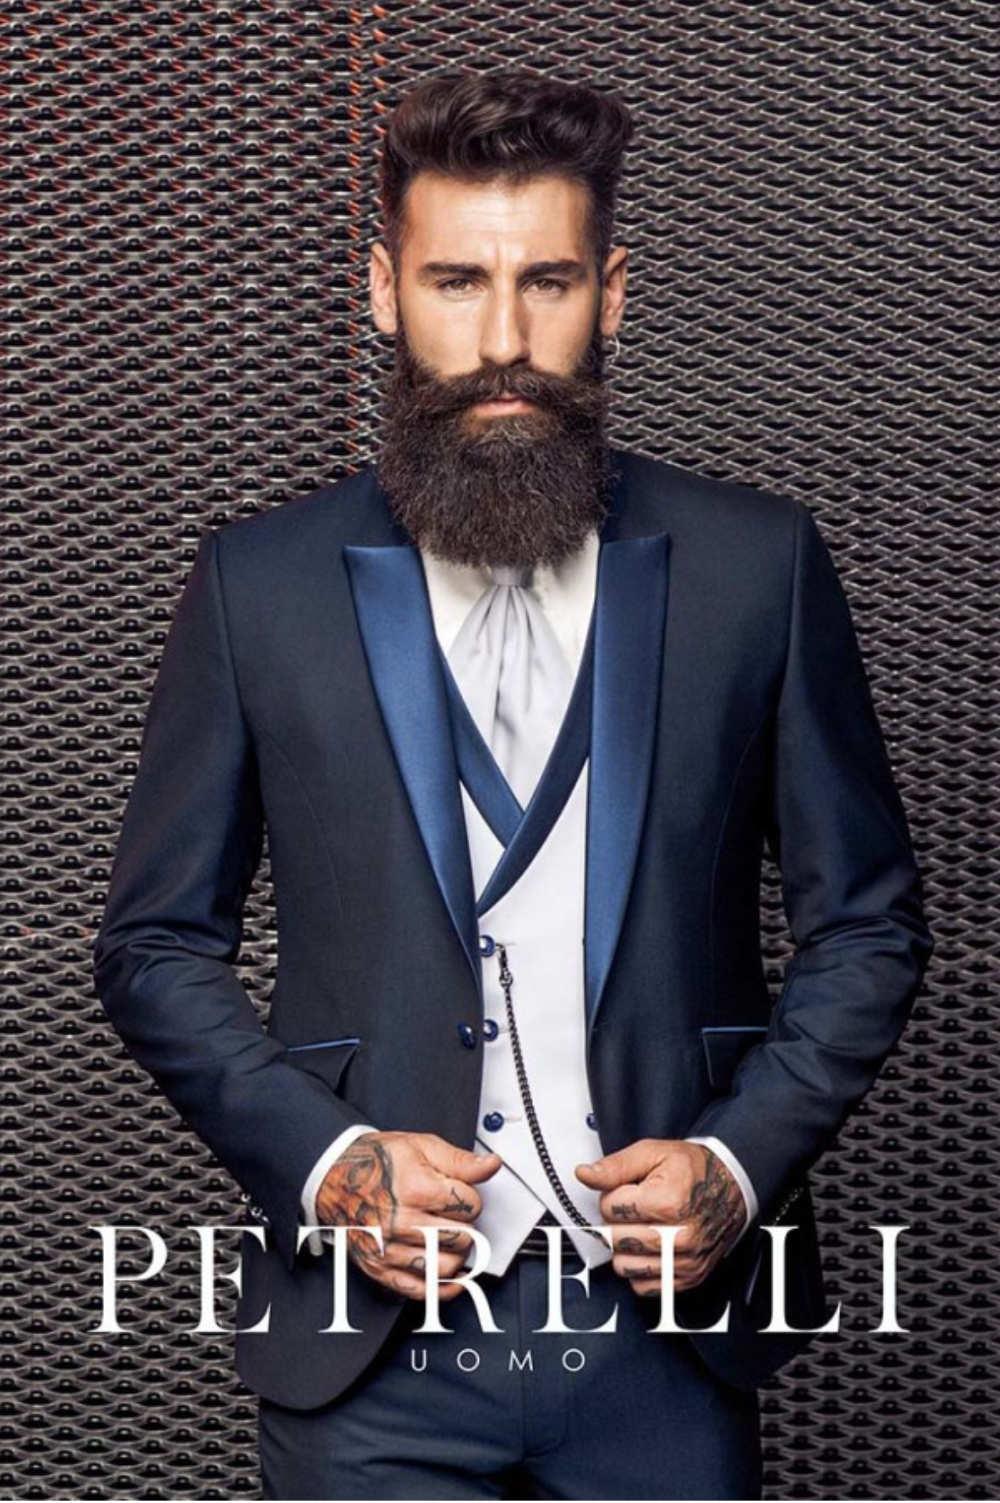 18ec0cde0d02 Abito Petrelli | Carmelo Ferlito Abbigliamento da cerimonia per Uomo ...